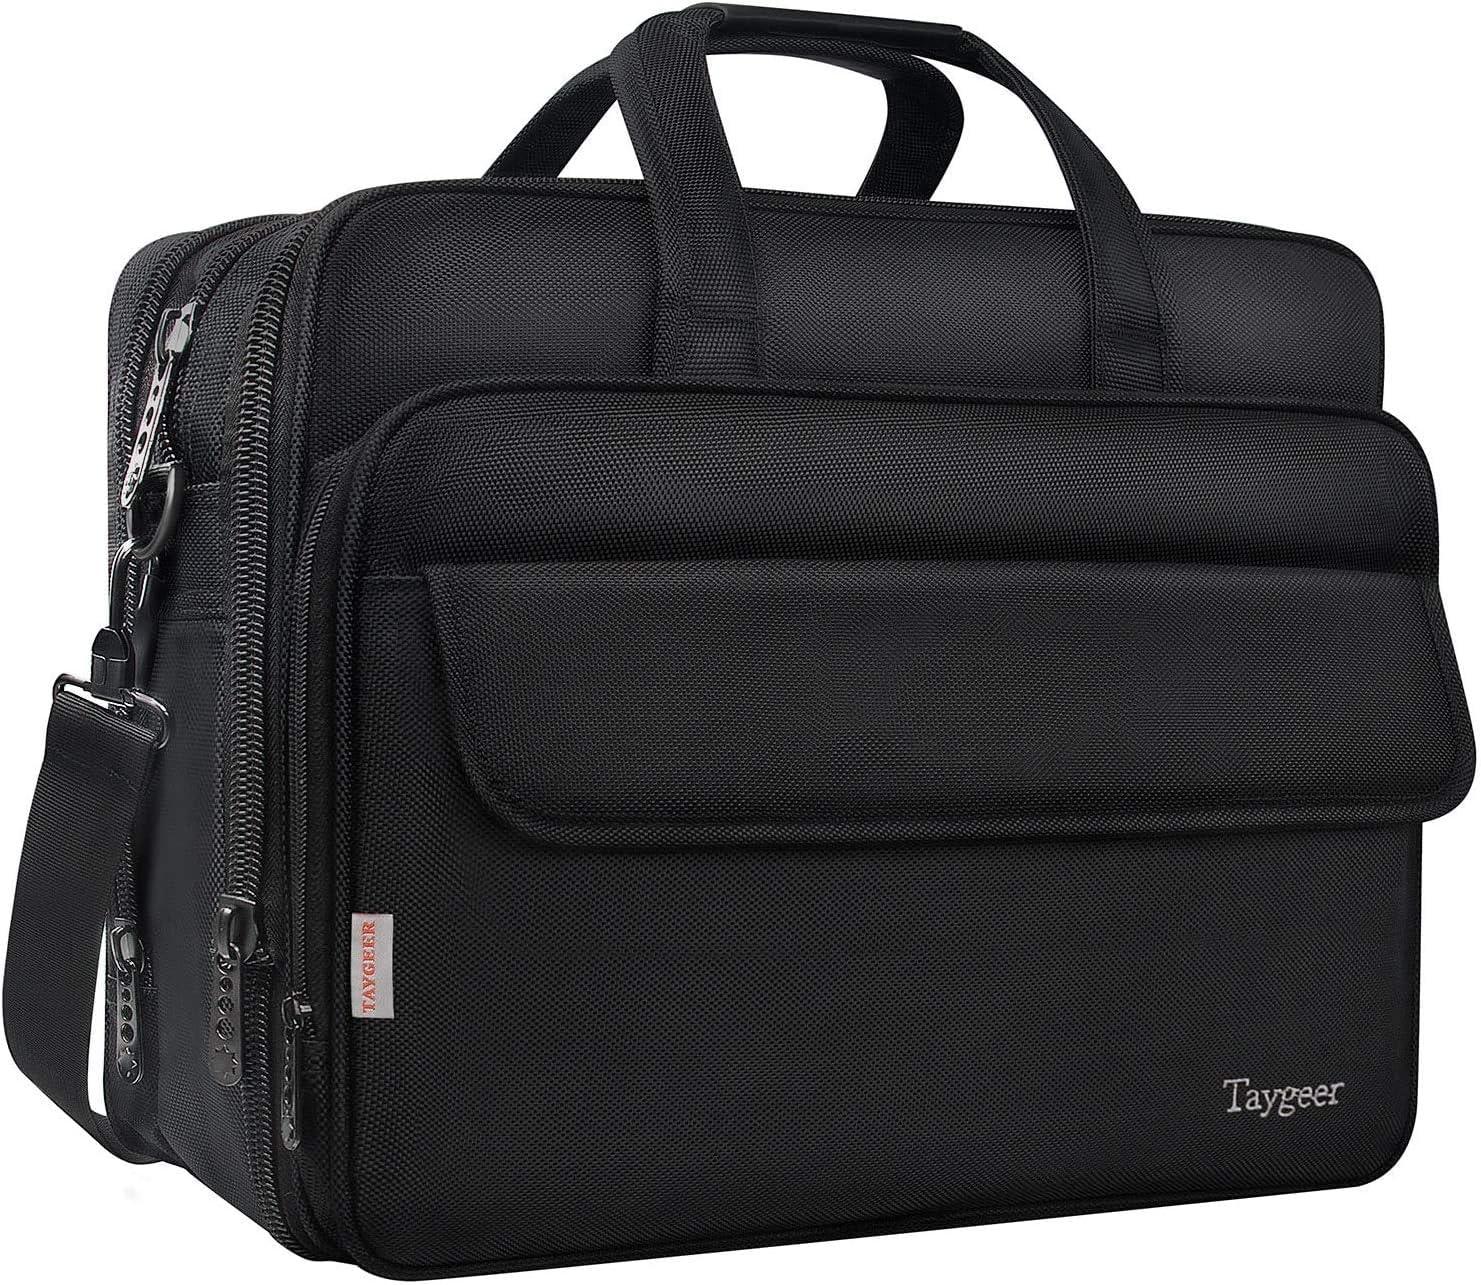 Taygeer - Bolso para ordenador portátil de 17 pulgadas,bolsa de mensajero expansible para computadora,bolso de hombro para oficina de viaje resistente al agua,maletín para llevar en la mano,negro